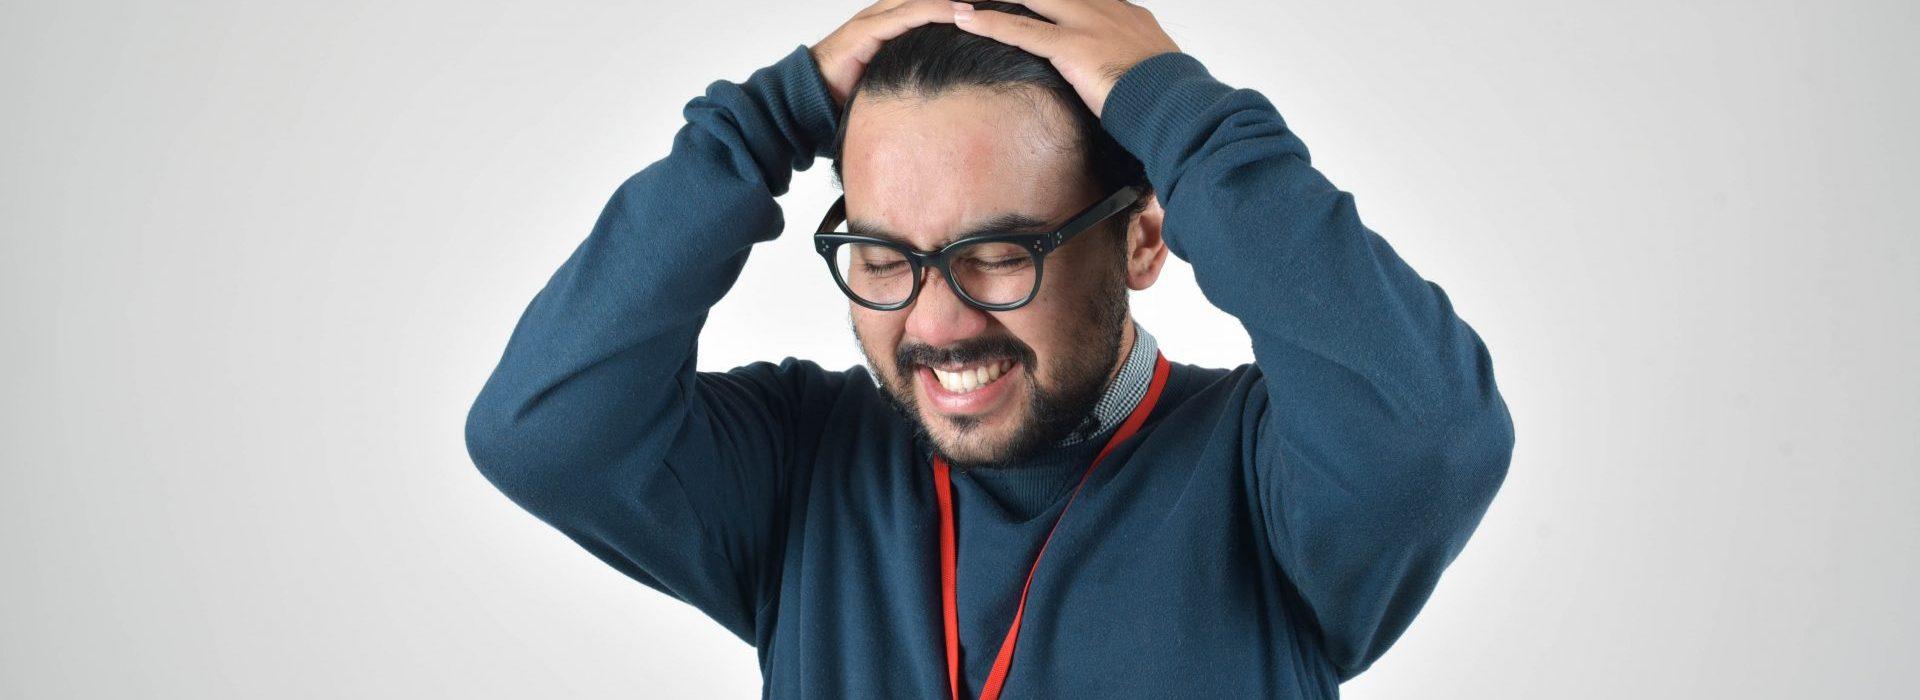 Homme en pull bleu se tient la tête avec les deux mains et grimace